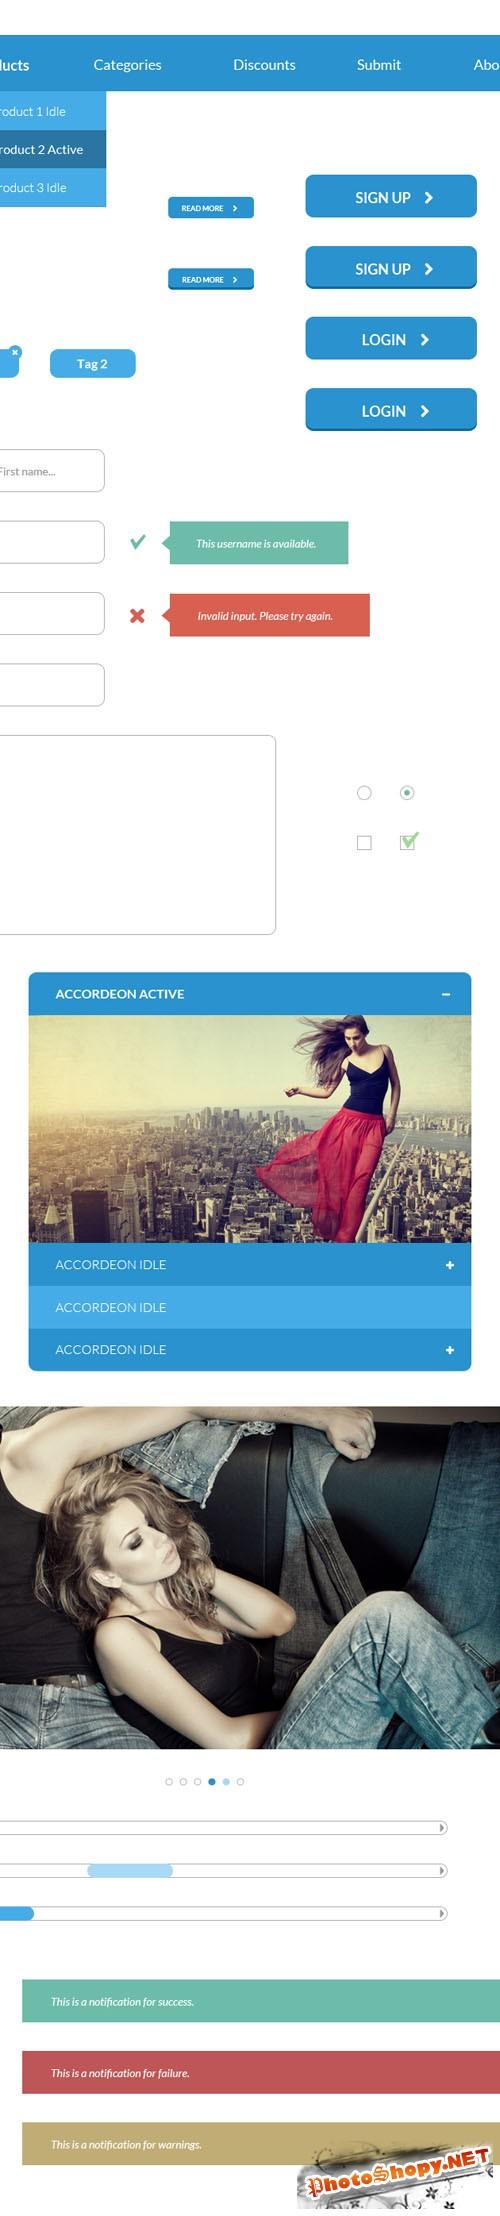 Flat UI Kit PSD Template